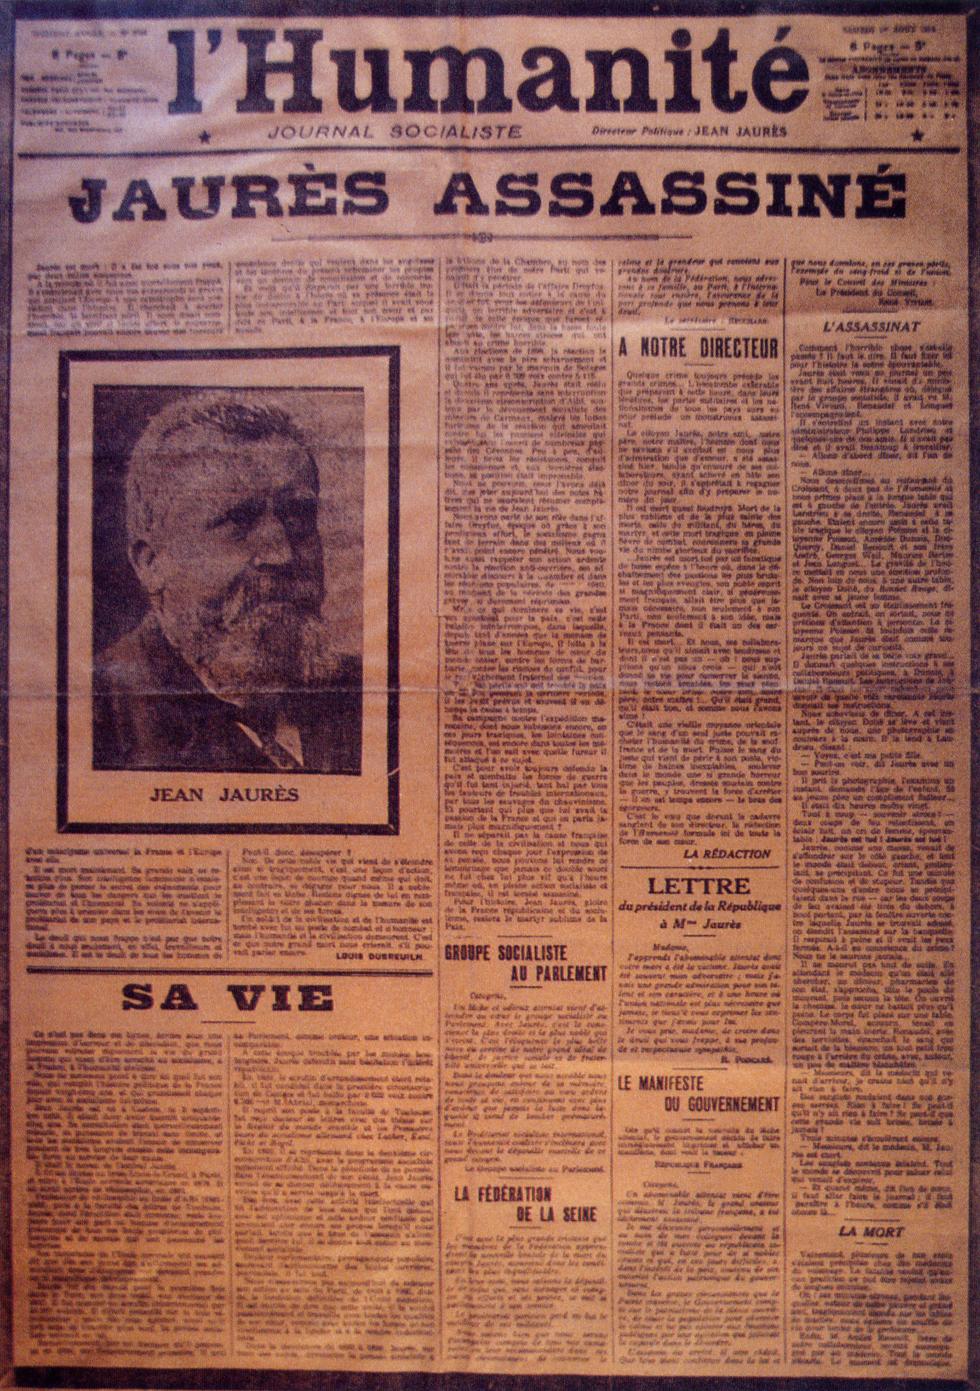 Il y a cent ans, ils assassinaient JAURES- les commémorations en Seine-Maritime